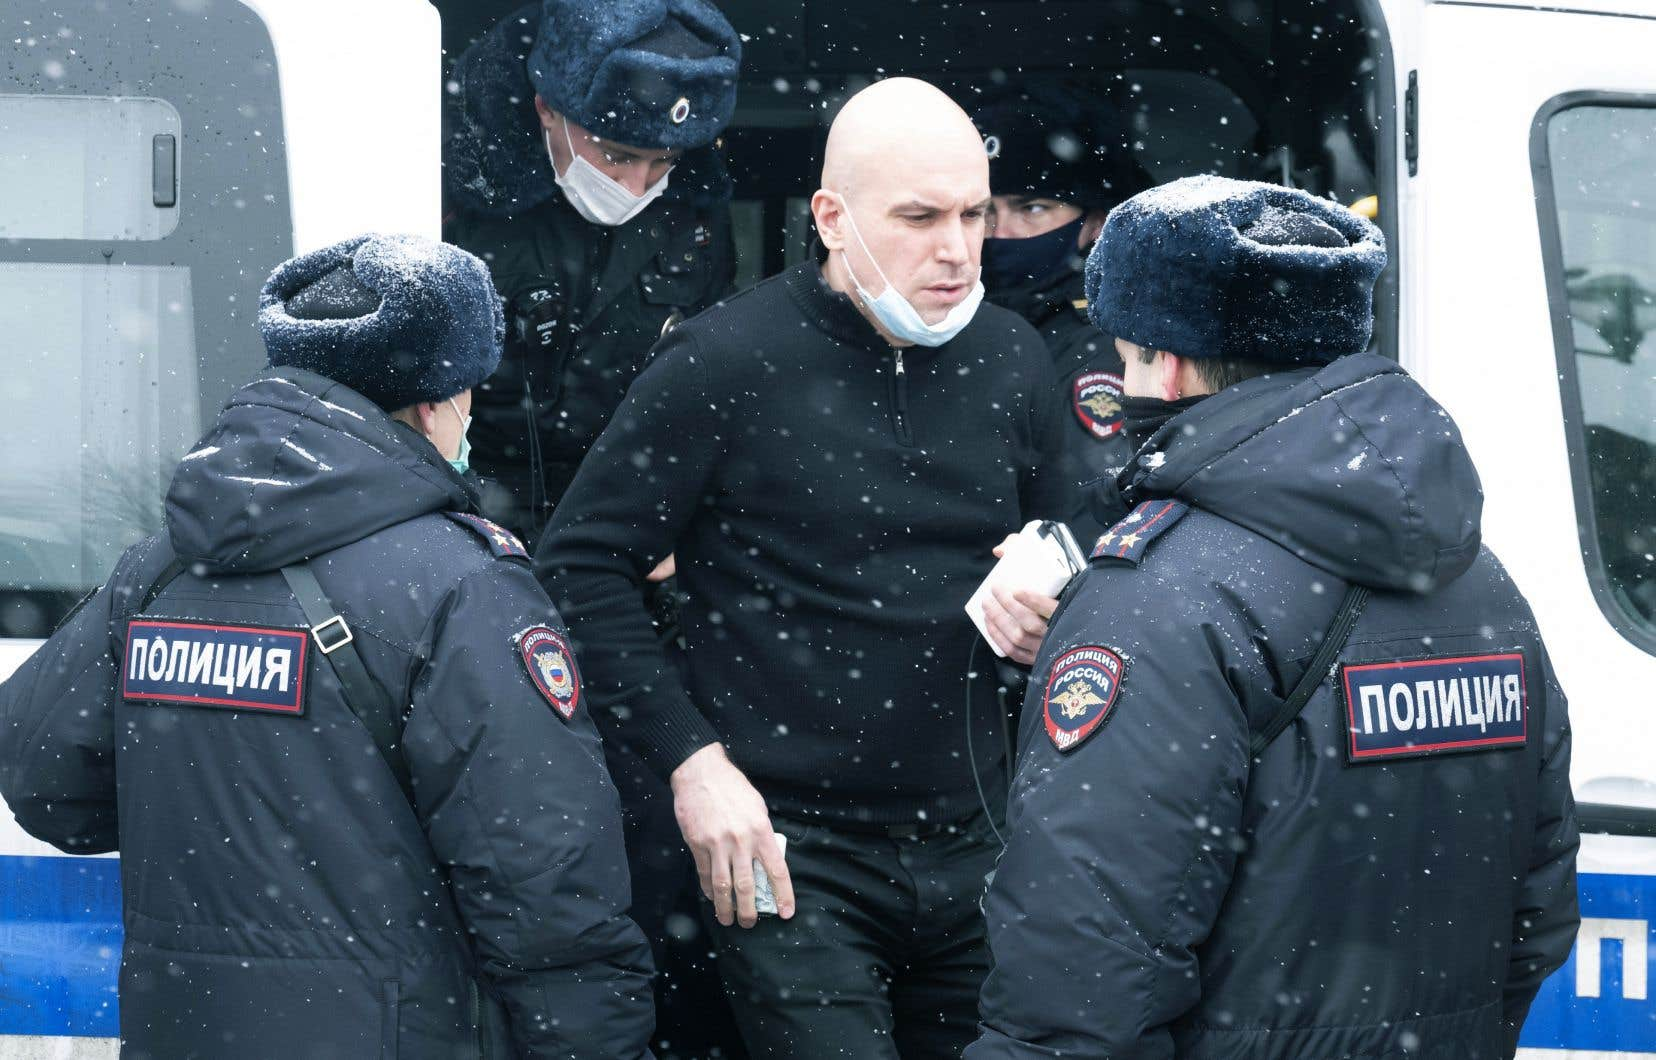 Dans un communiqué, la police de Moscou a de son côté indiqué avoir procédé à l'arrestation de 200 personnes.